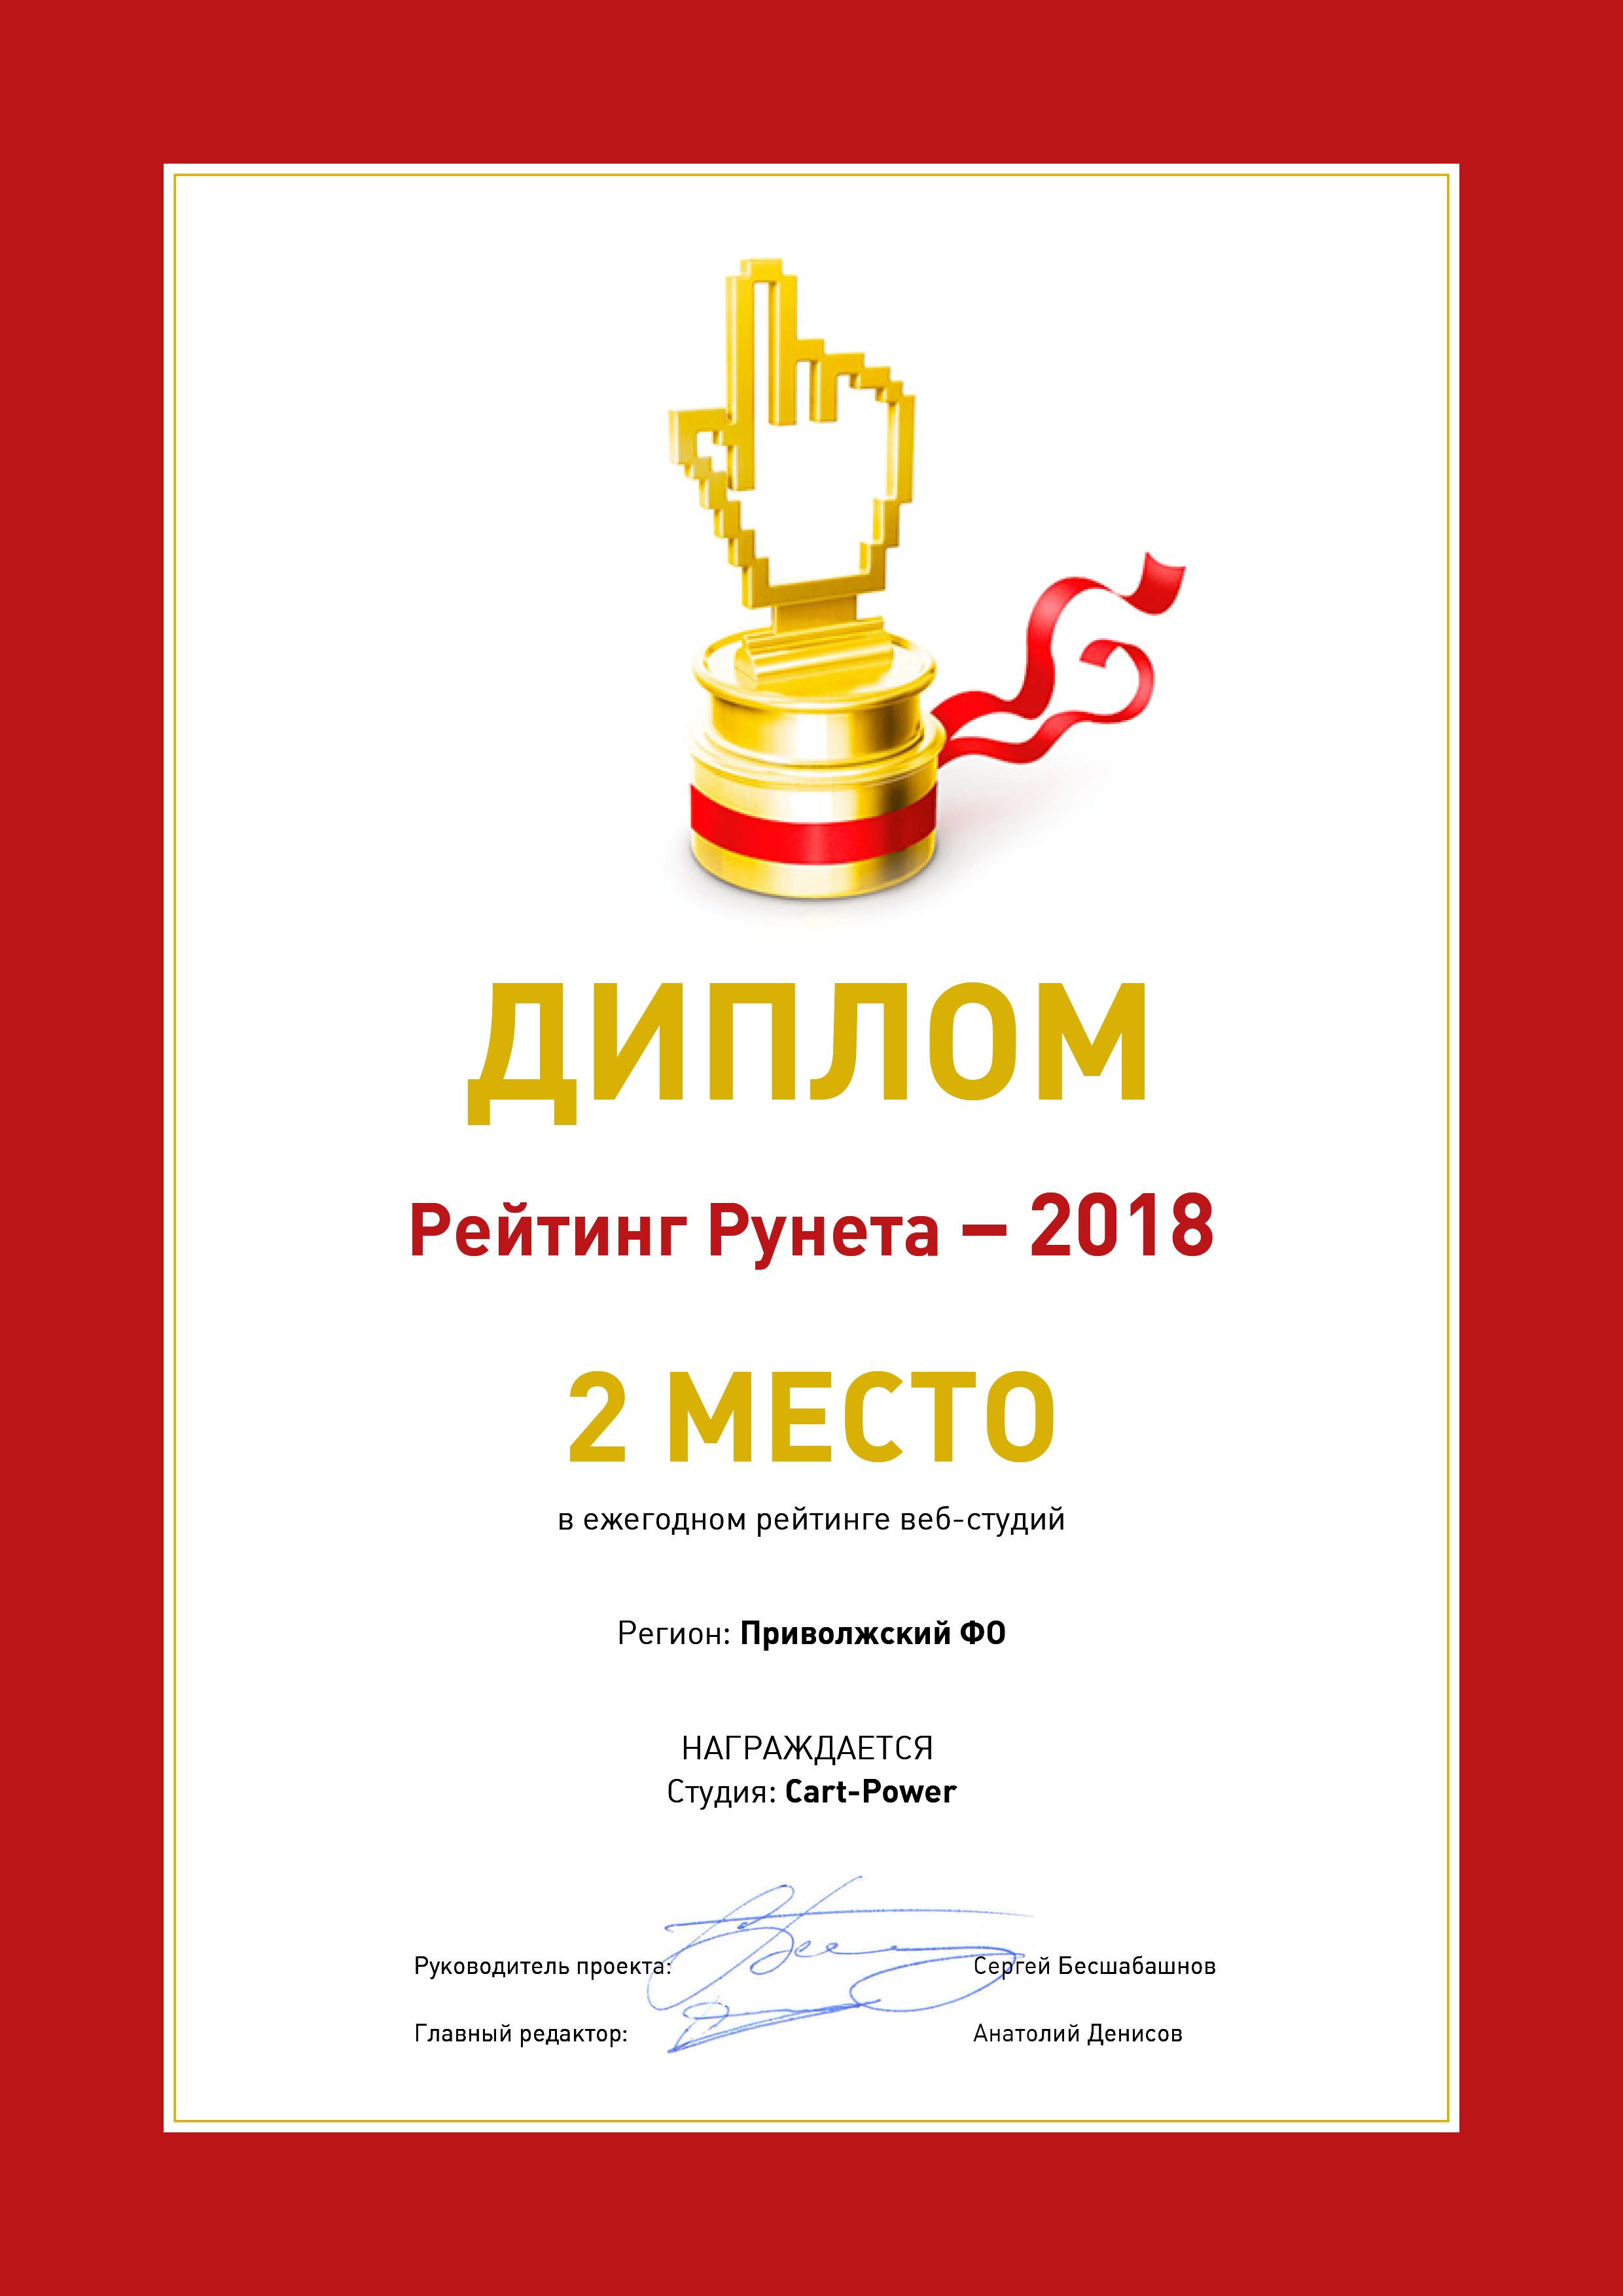 Рейтинг разработчиков Приволжского ФО 2 место